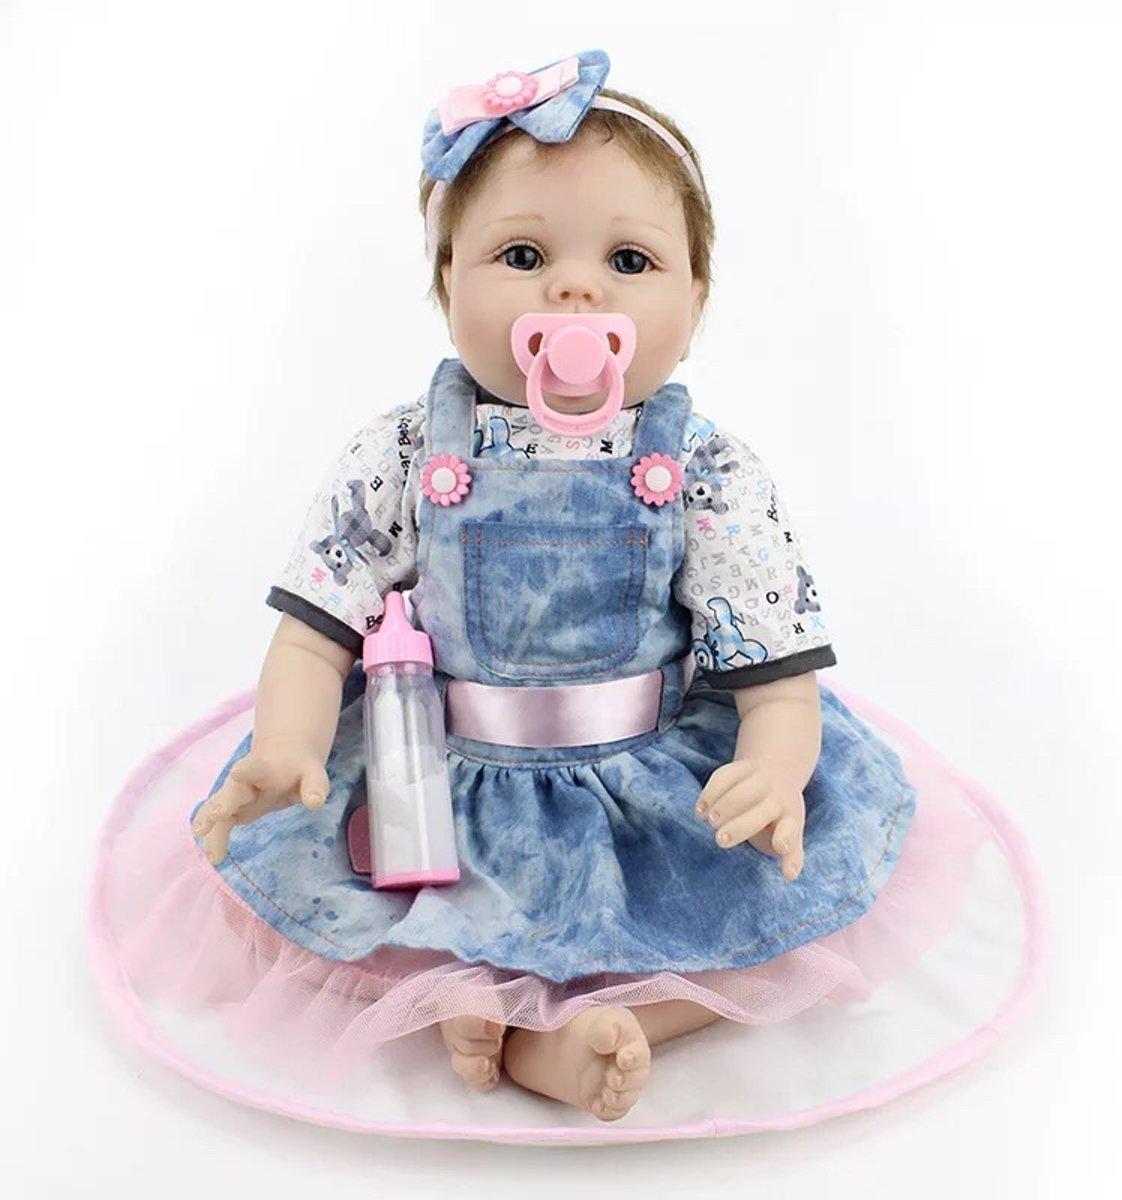 Reborn baby pop in blauwe jurk (jeans) met speen, fles en haarband – Levensecht en hand gemaakt 55cm